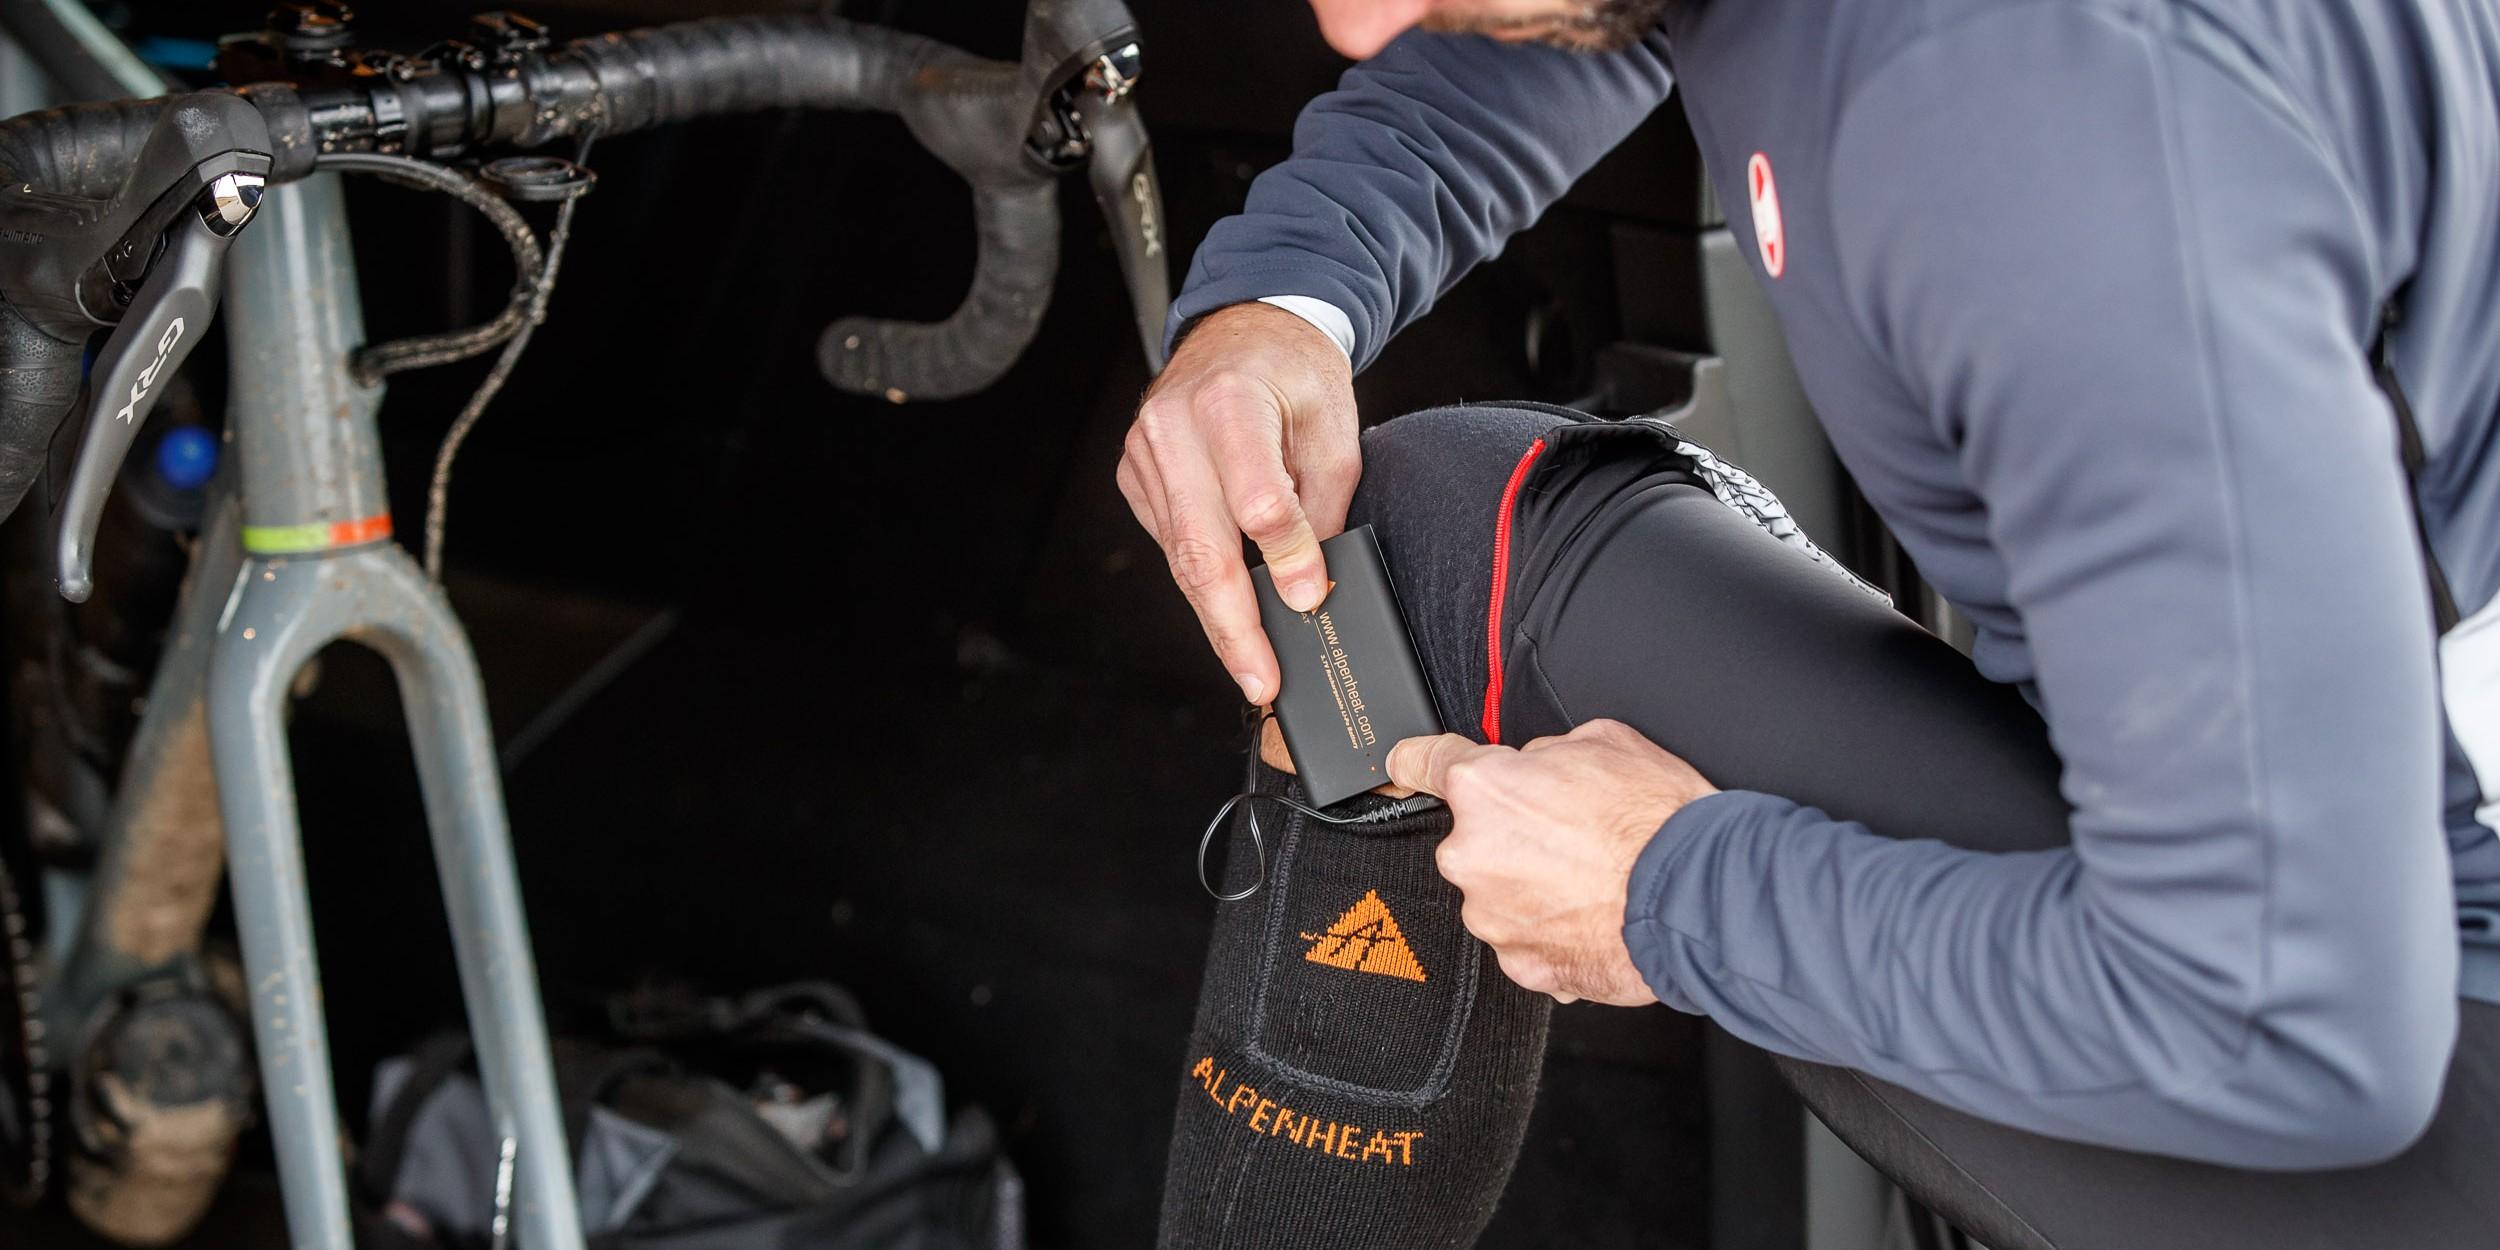 Alpenheat Fire-Socks RC